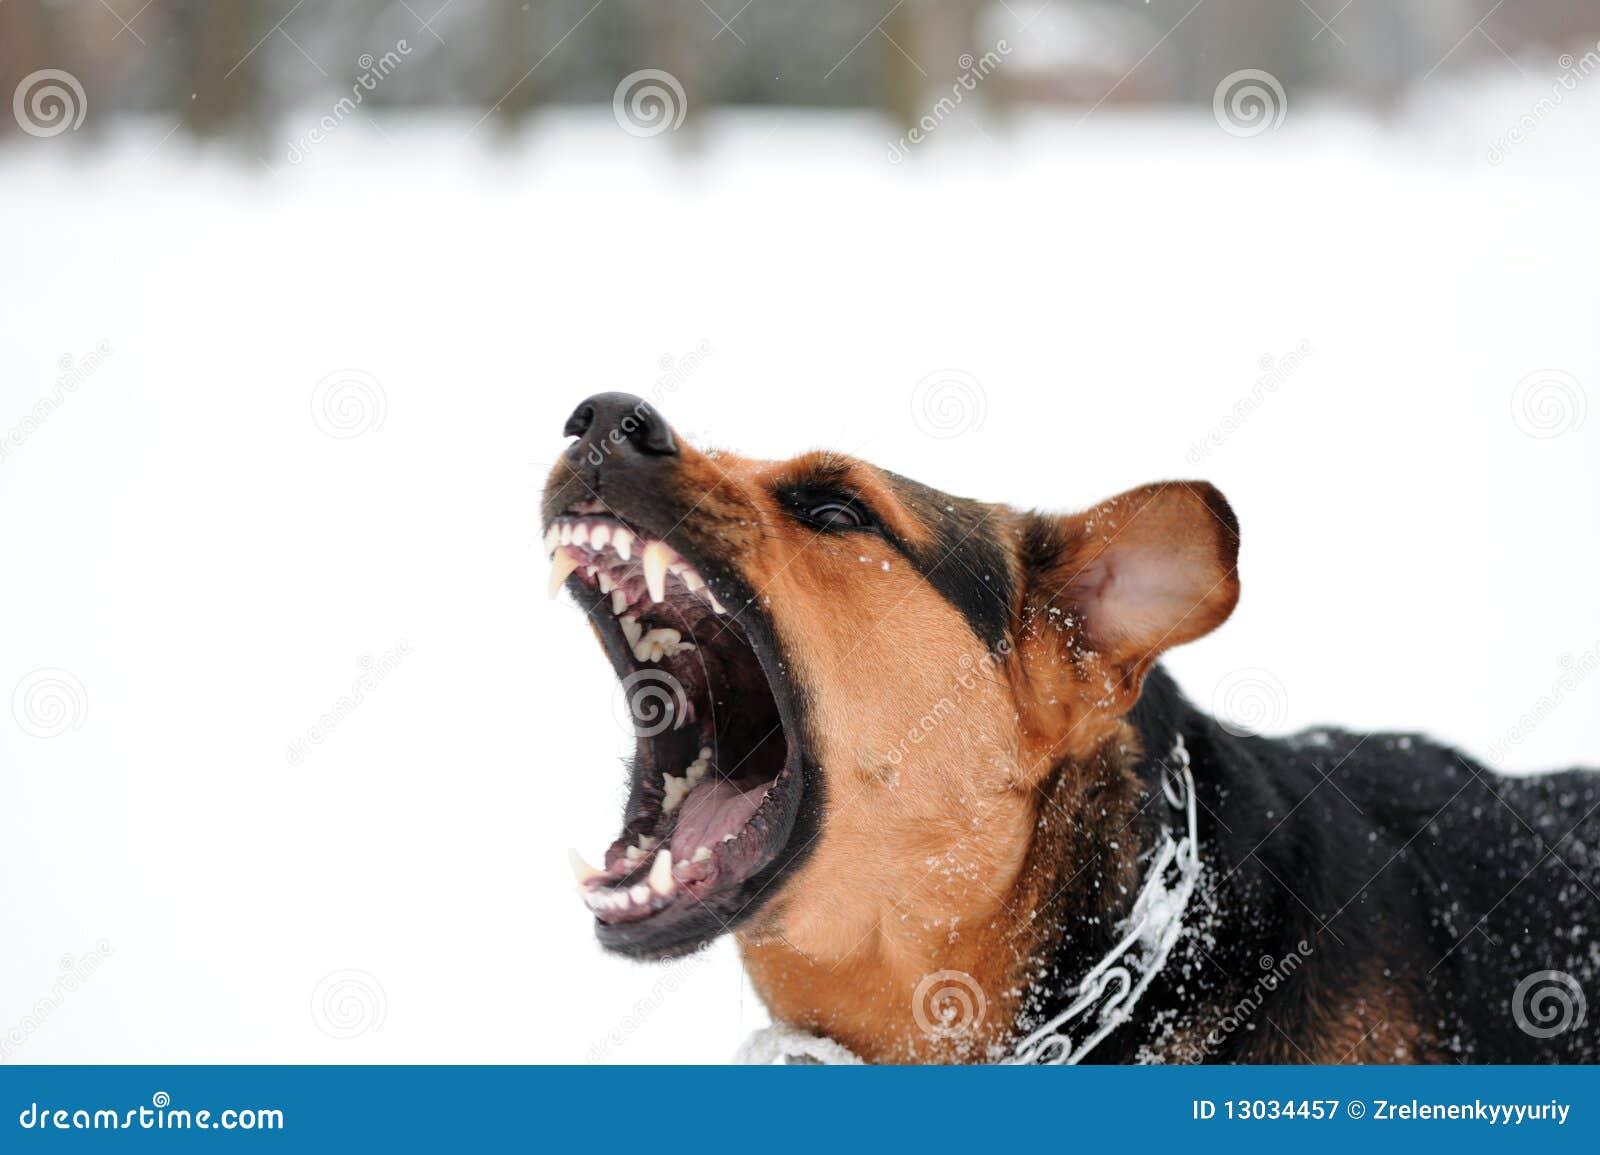 Angry boxer dog teeth - photo#8